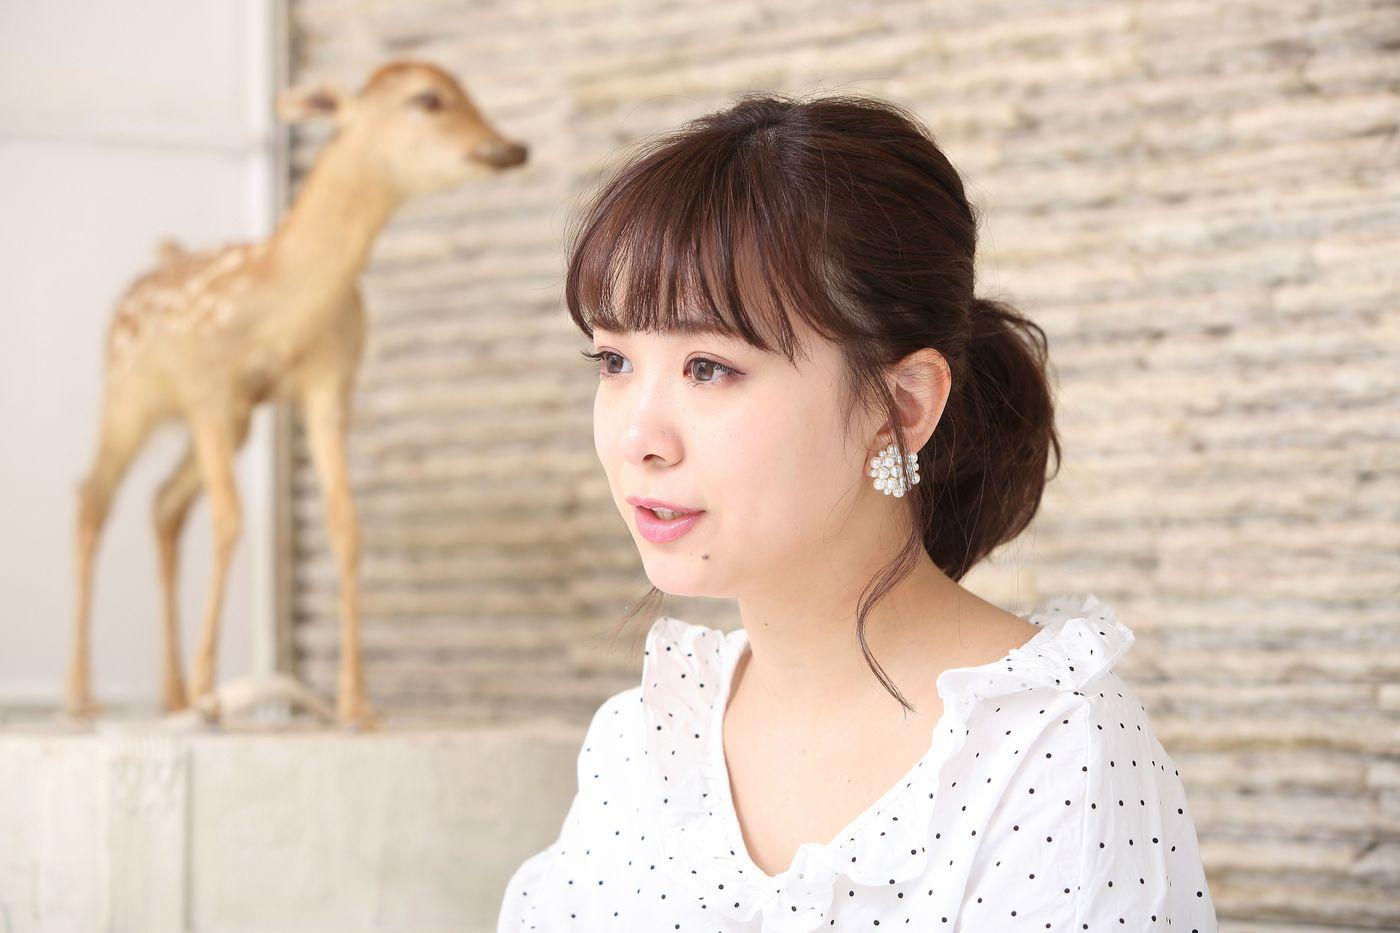 平松可奈子ちゃんの美容法♡変わらない可愛さと強いメンタルの秘密の9枚目の画像